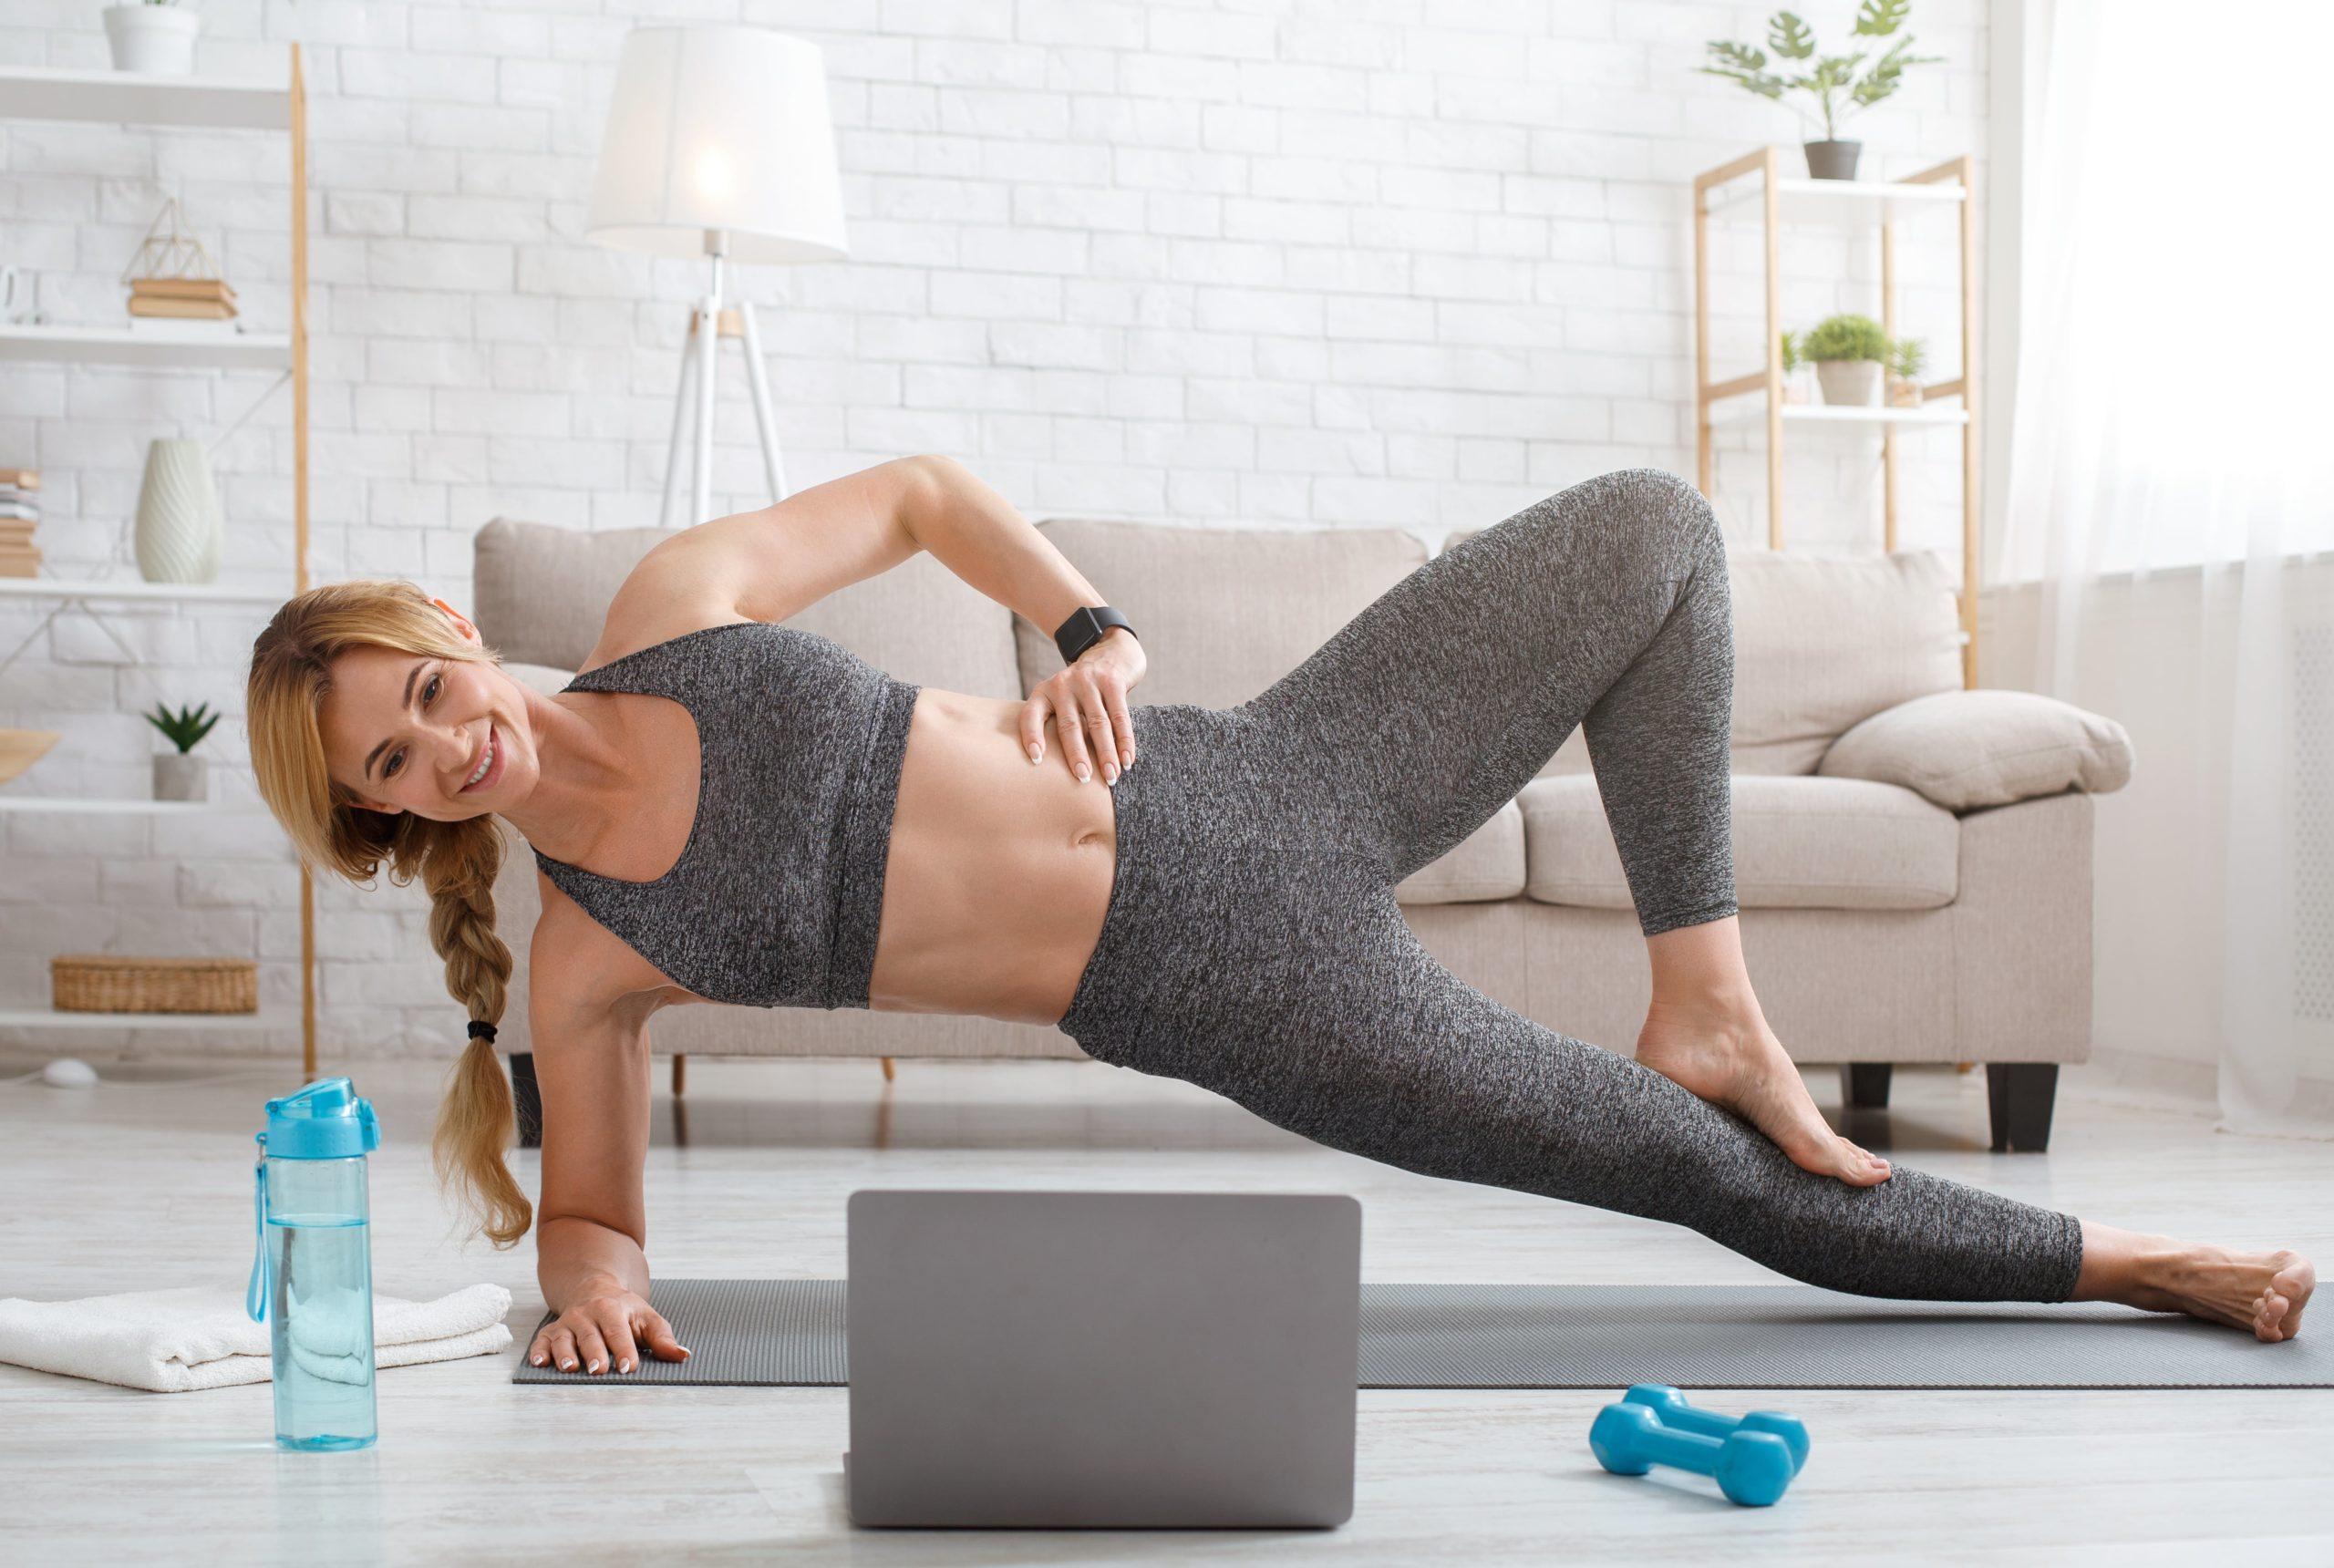 комплексные упражнения для похудения в домашних